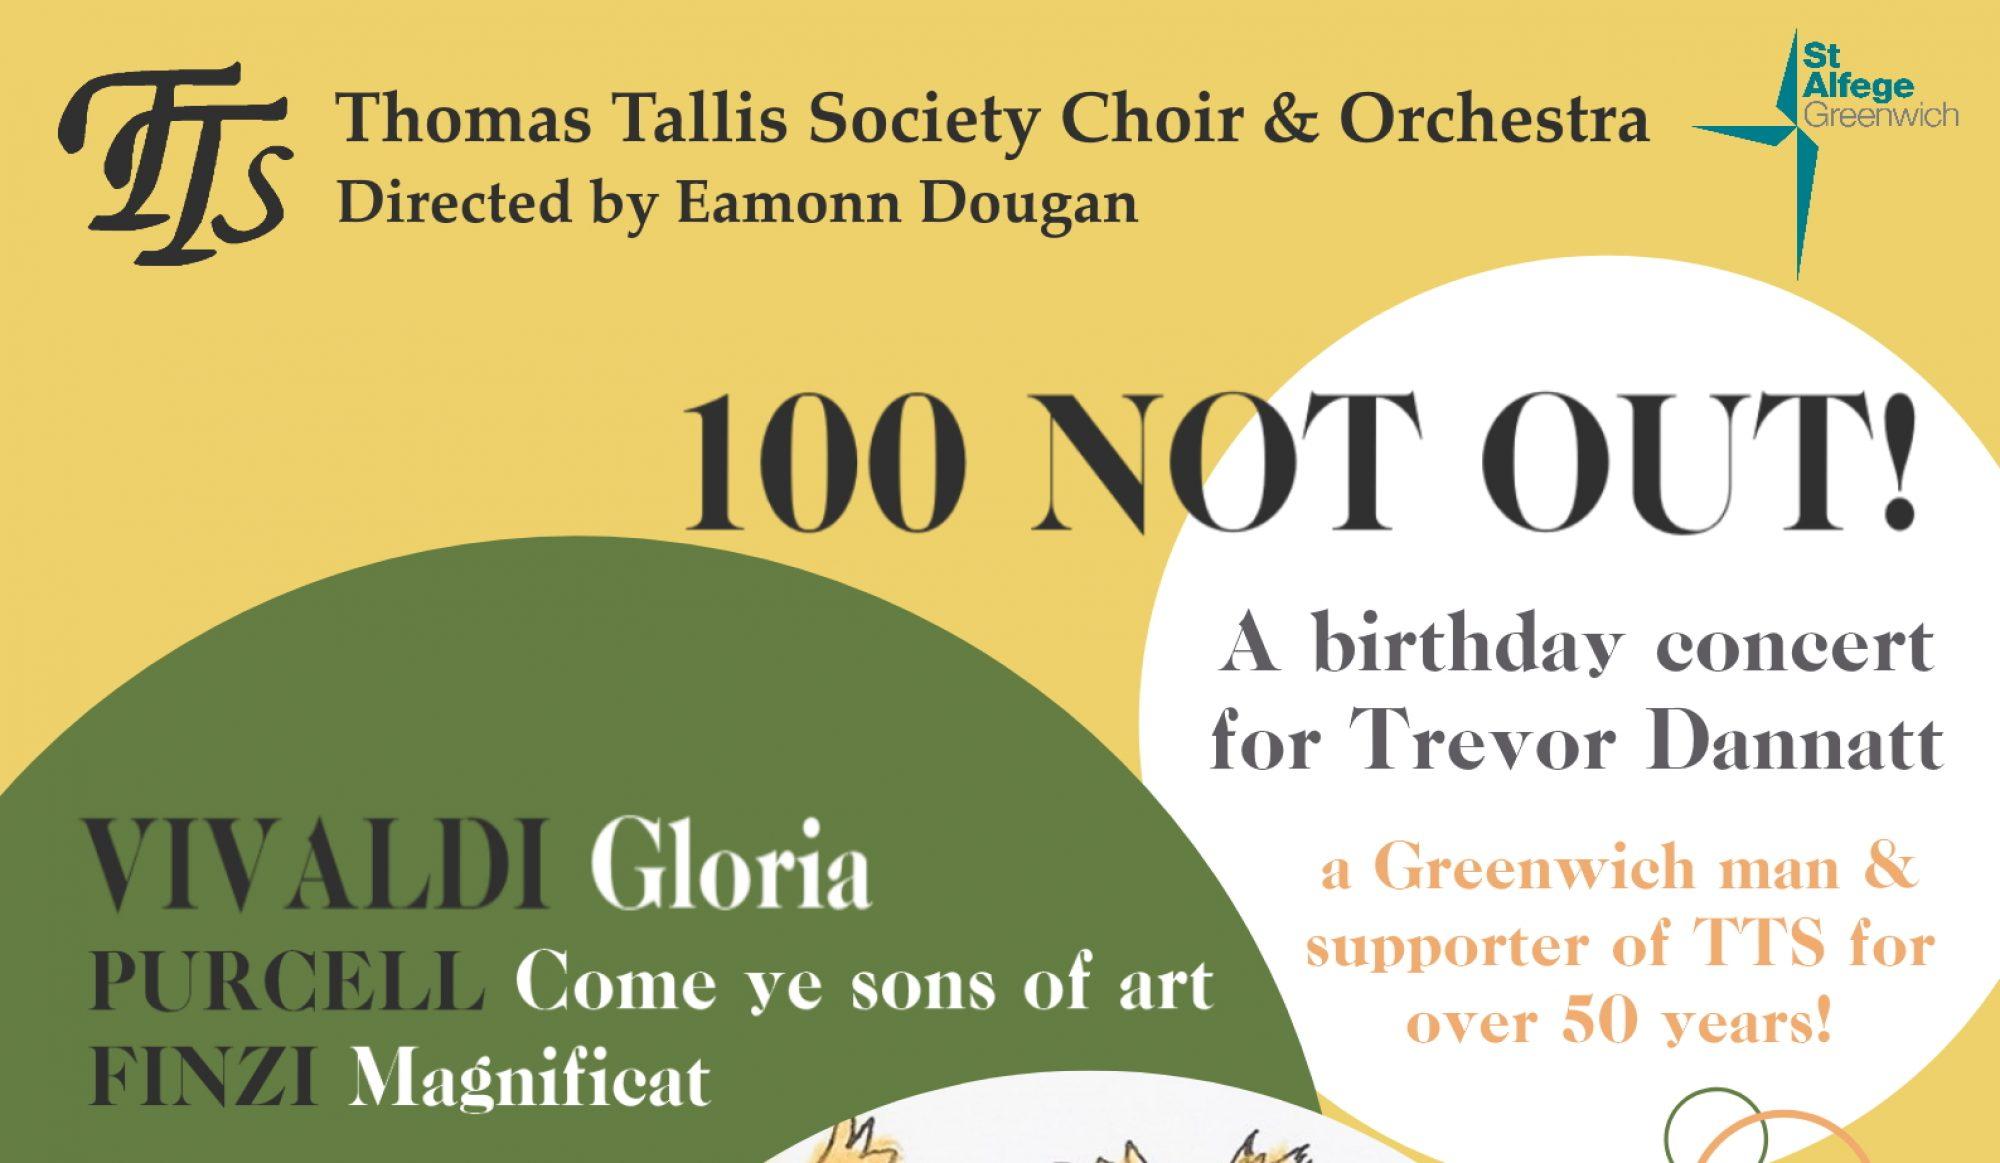 Thomas Tallis Society